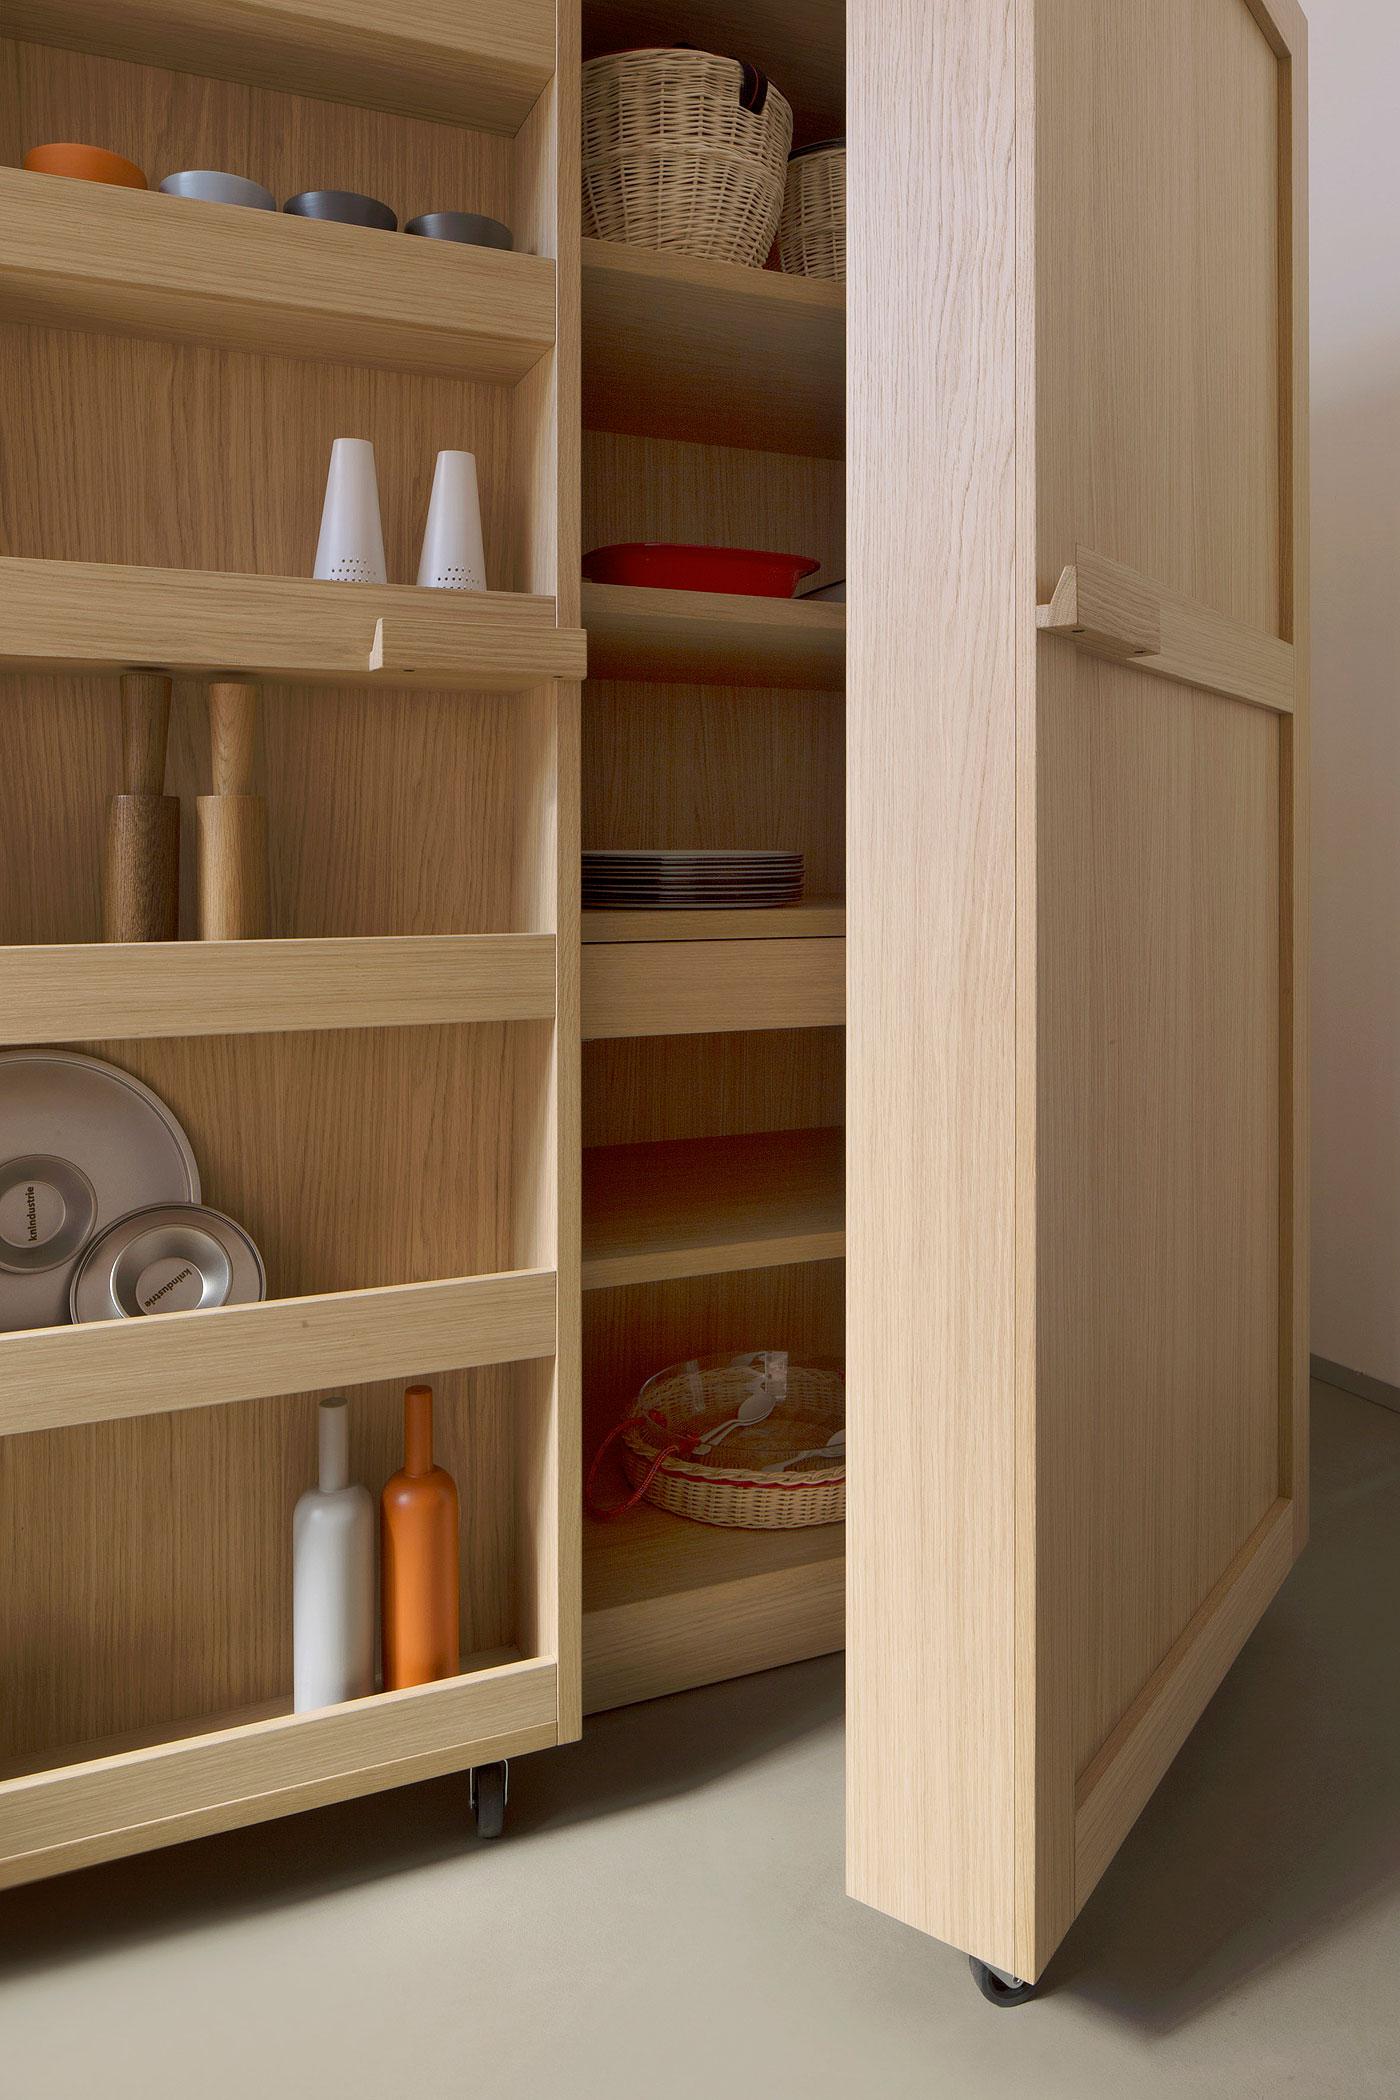 armario-cocina-key-cucine-benedini-associati (2)